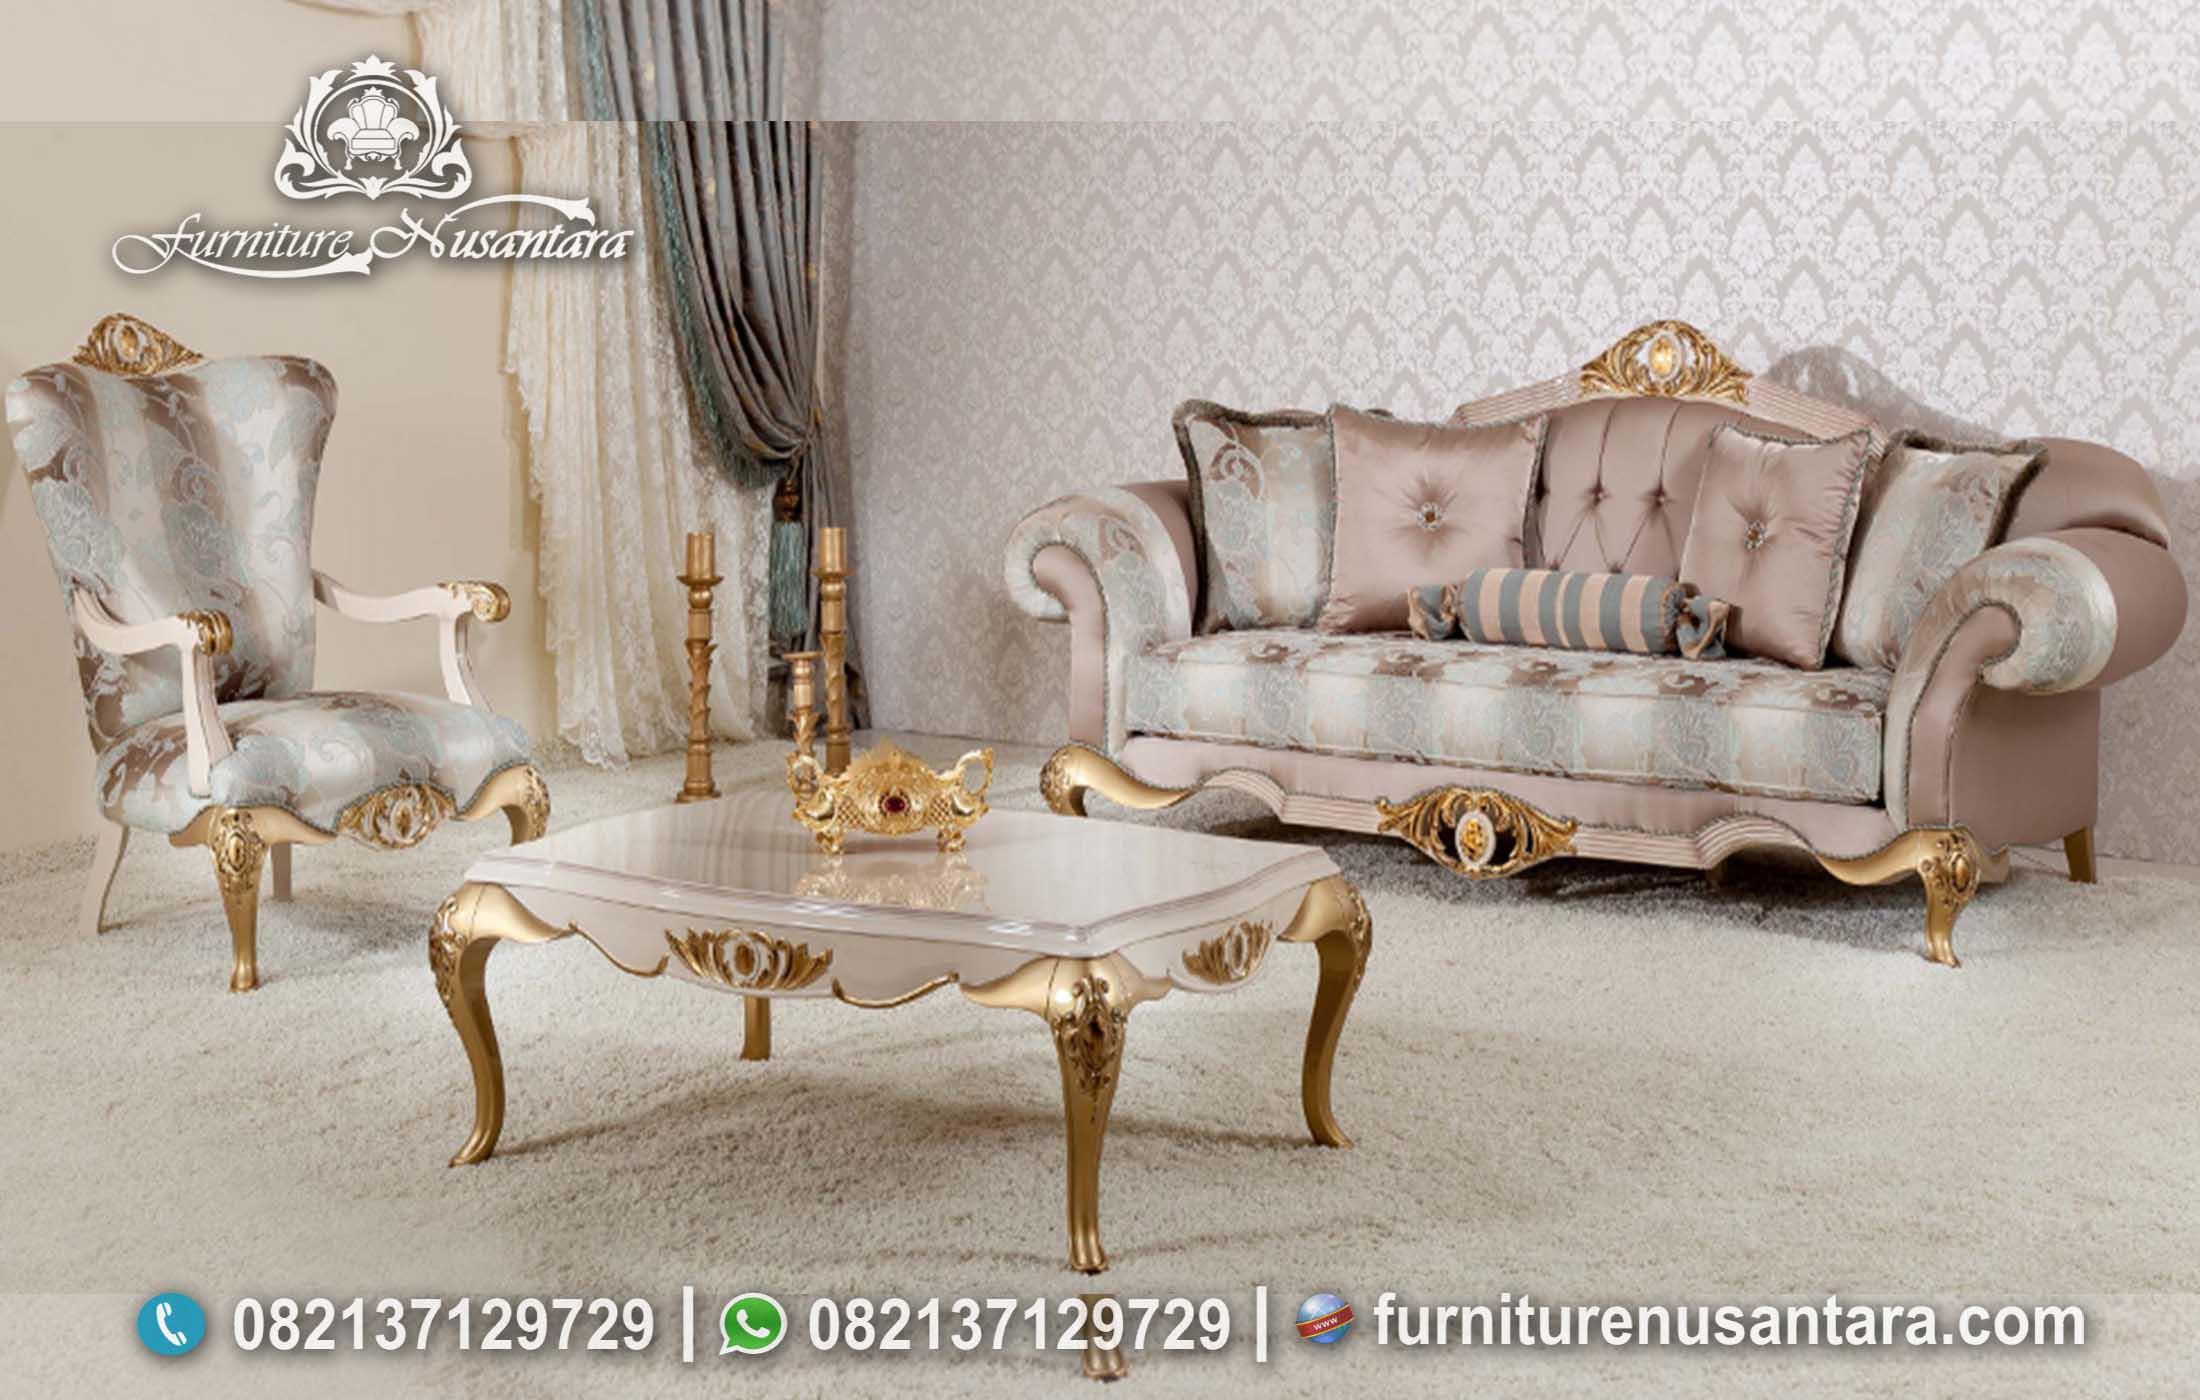 Jual Sofa Tamu Klasik Berkualitas ST-38, Furniture Nusantara